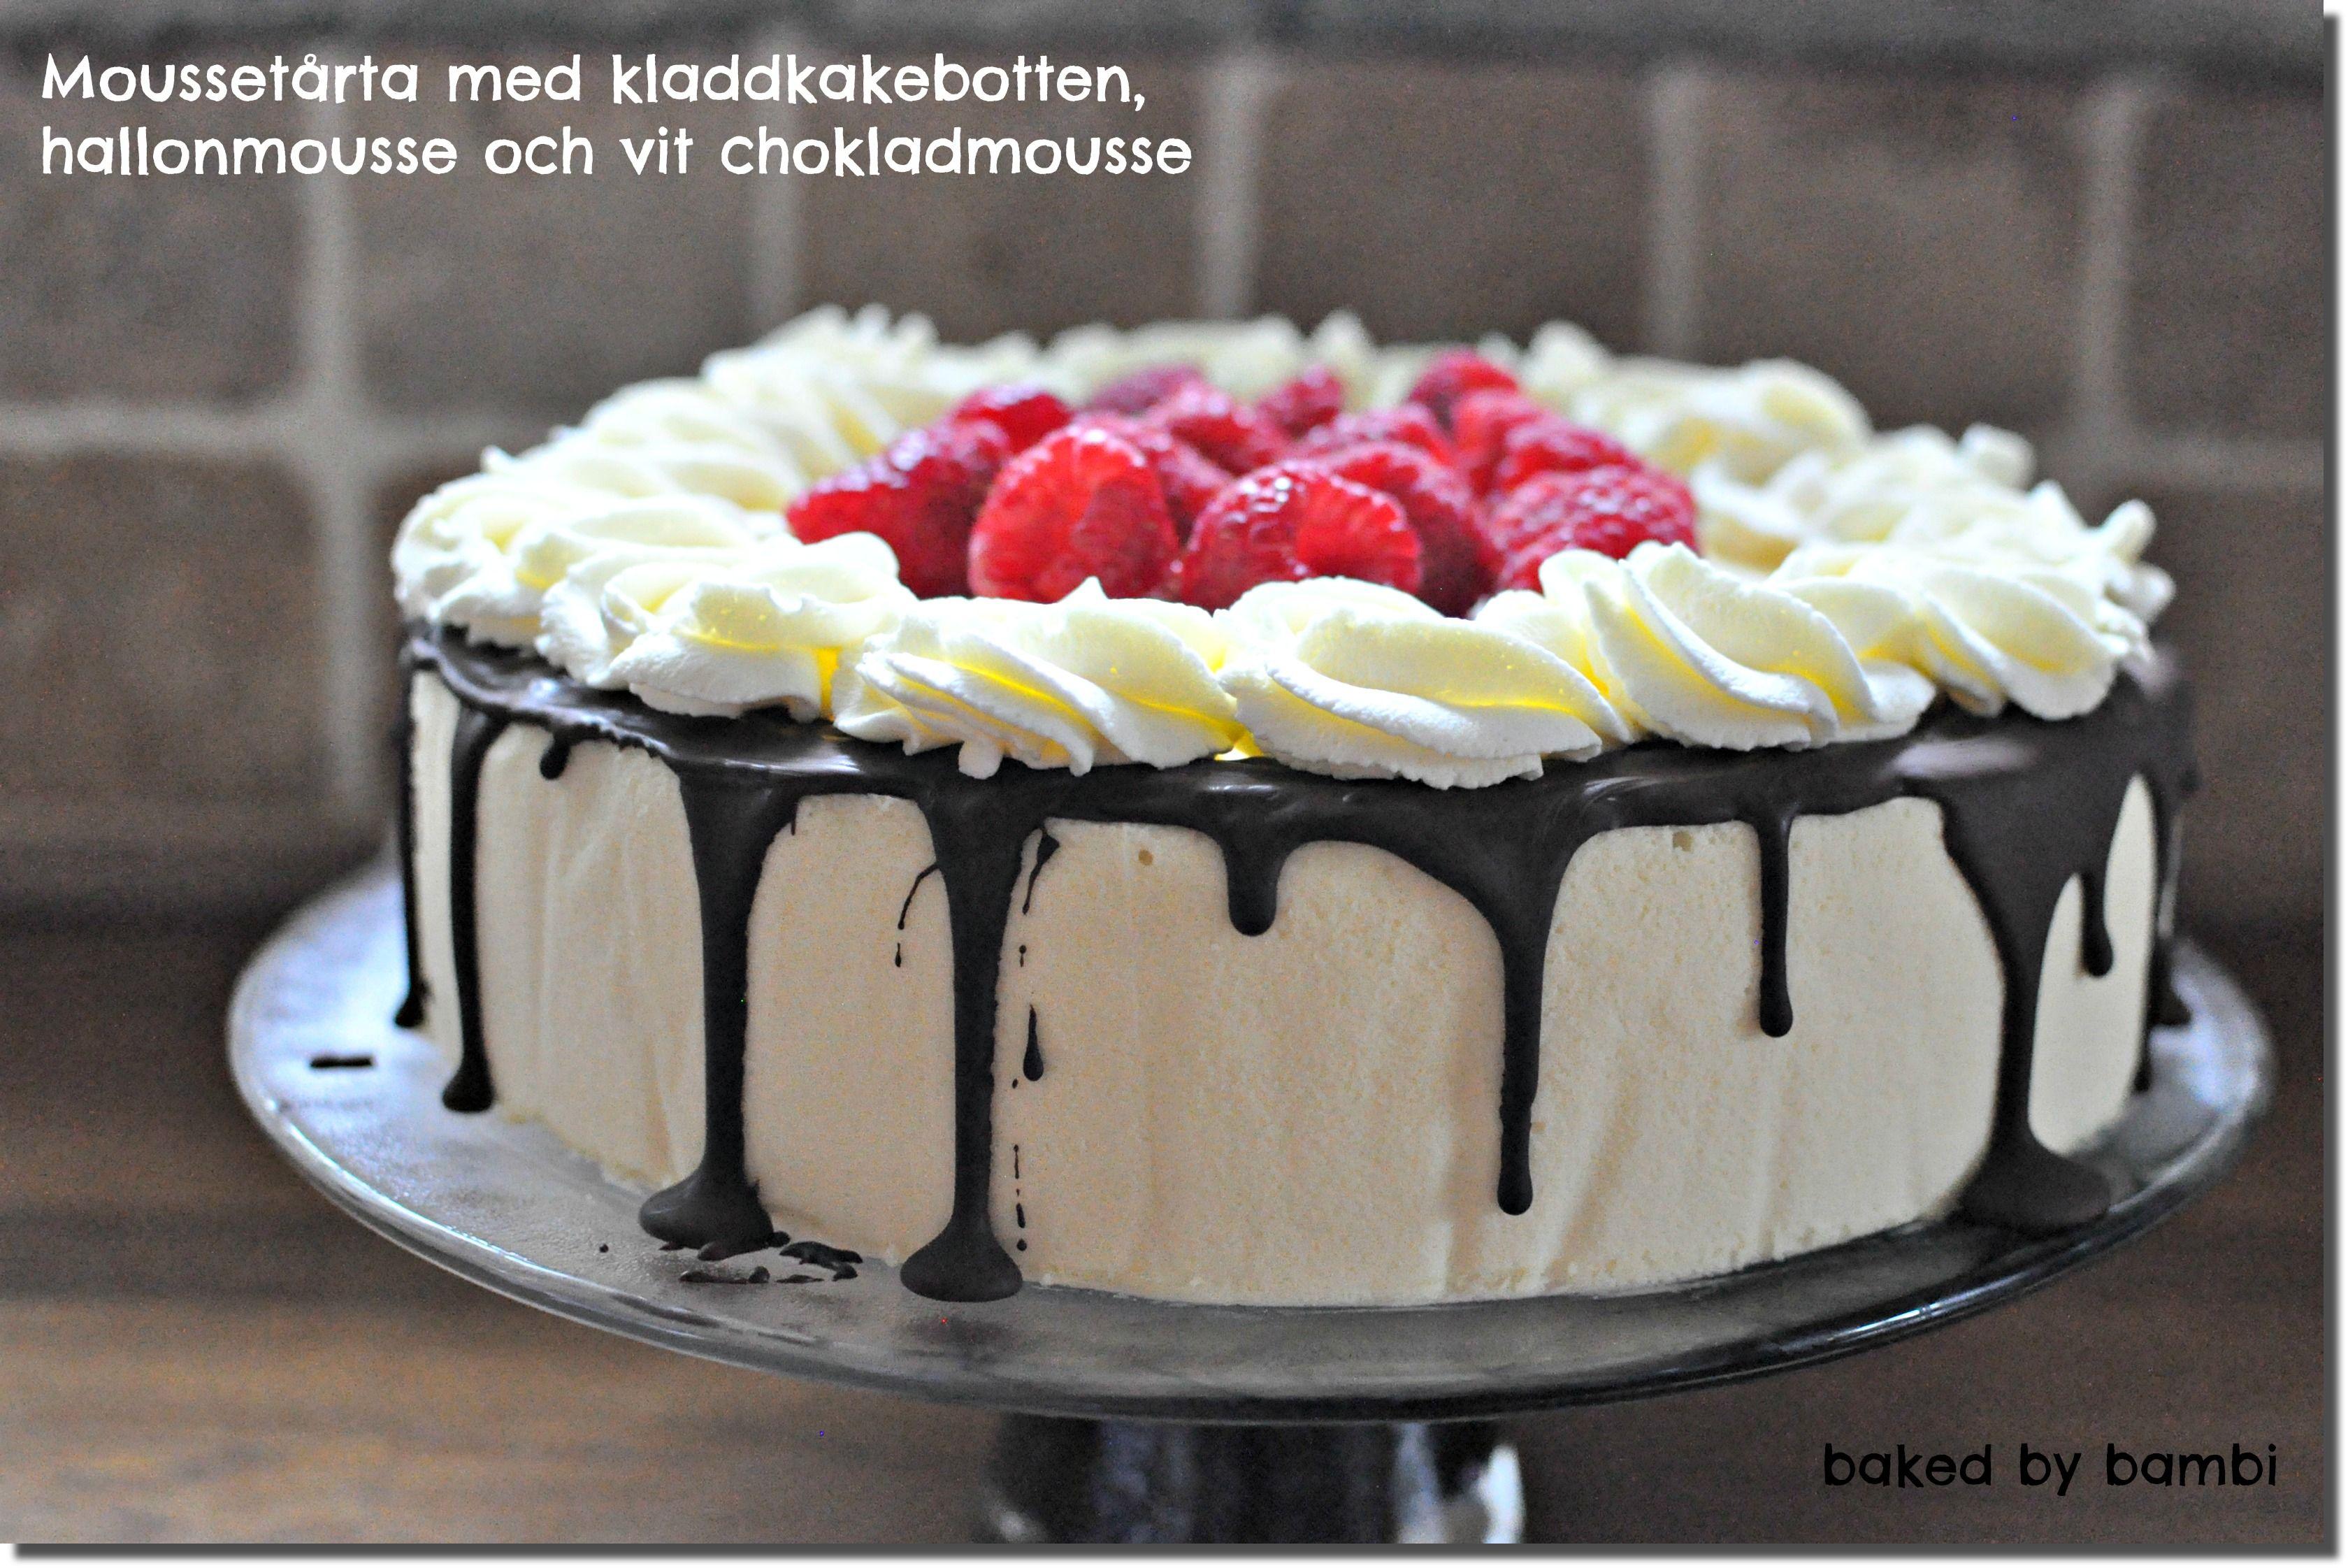 tårta med vit chokladmousse och hallonmousse